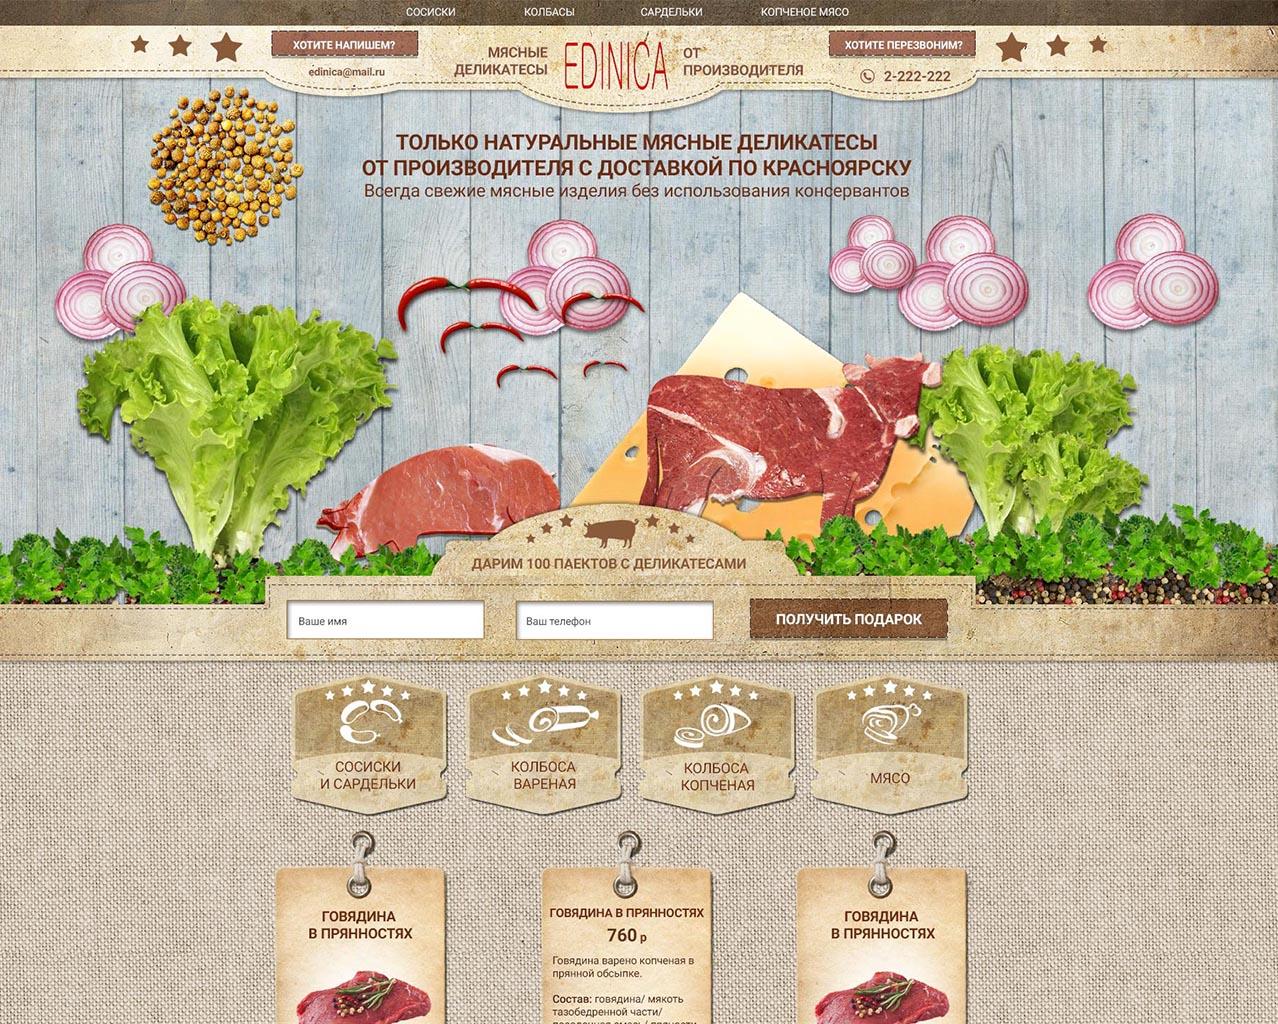 Мясные деликатесы Единица